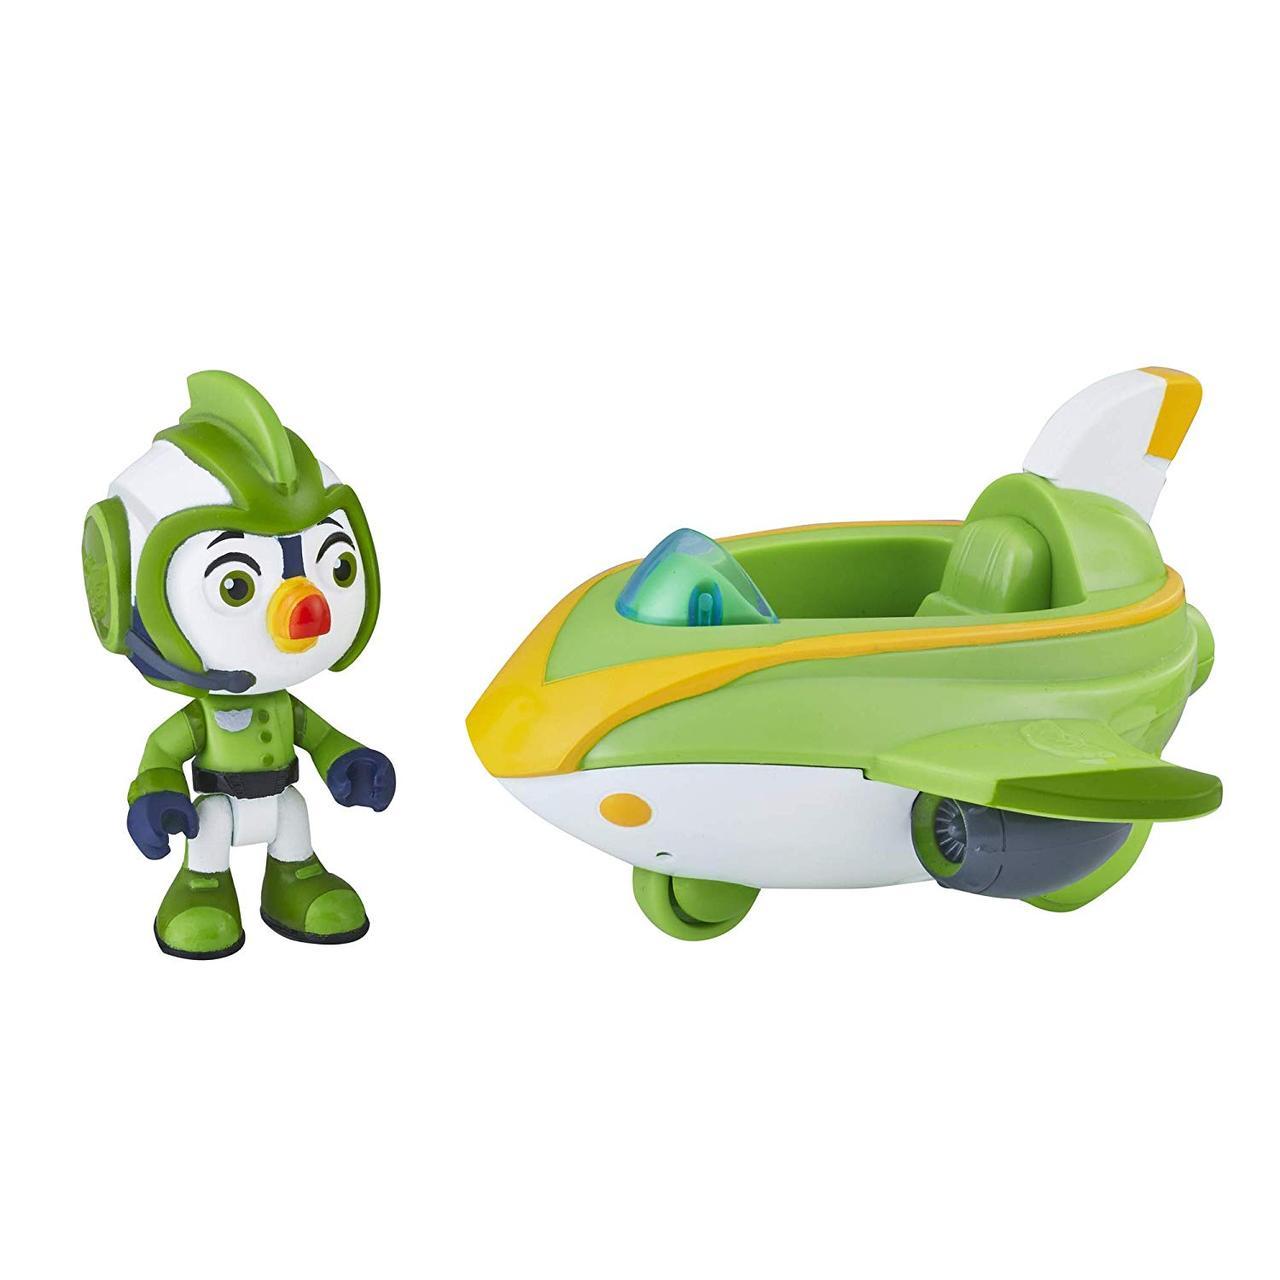 Отважные птенцы крылатый патруль Броуд с катером Top Wing Hasbro